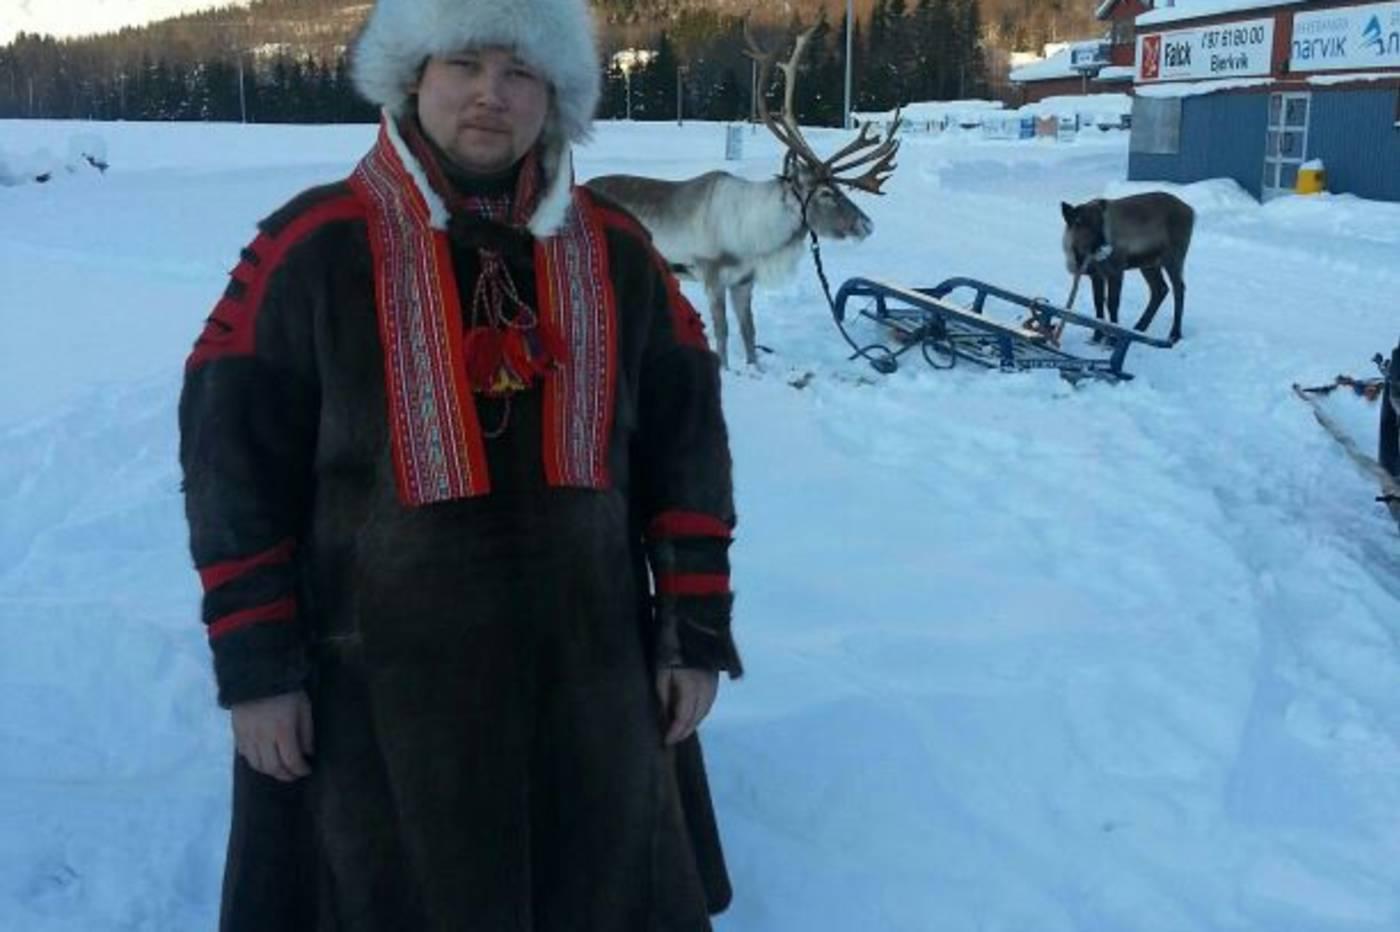 Hjerttind Reinkjøtt fra Troms